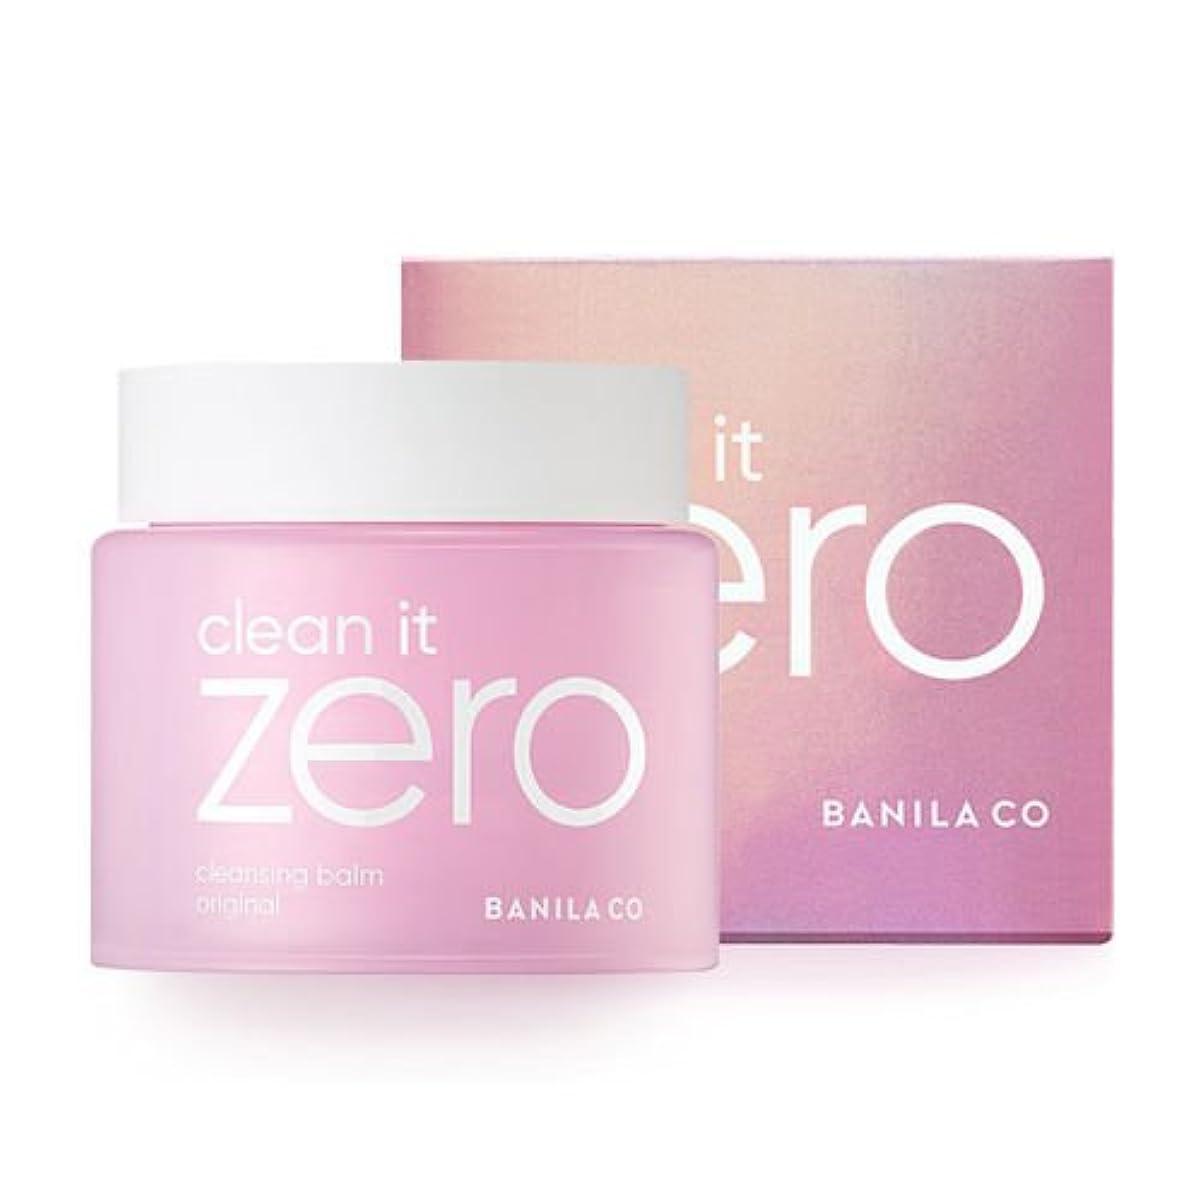 カバレッジバドミントン書店[BANILACO/バニラコ] Clean it zero cleansing balm original 180ml / クリンイットゼロ クレンジングバーム オリジナル 180ml